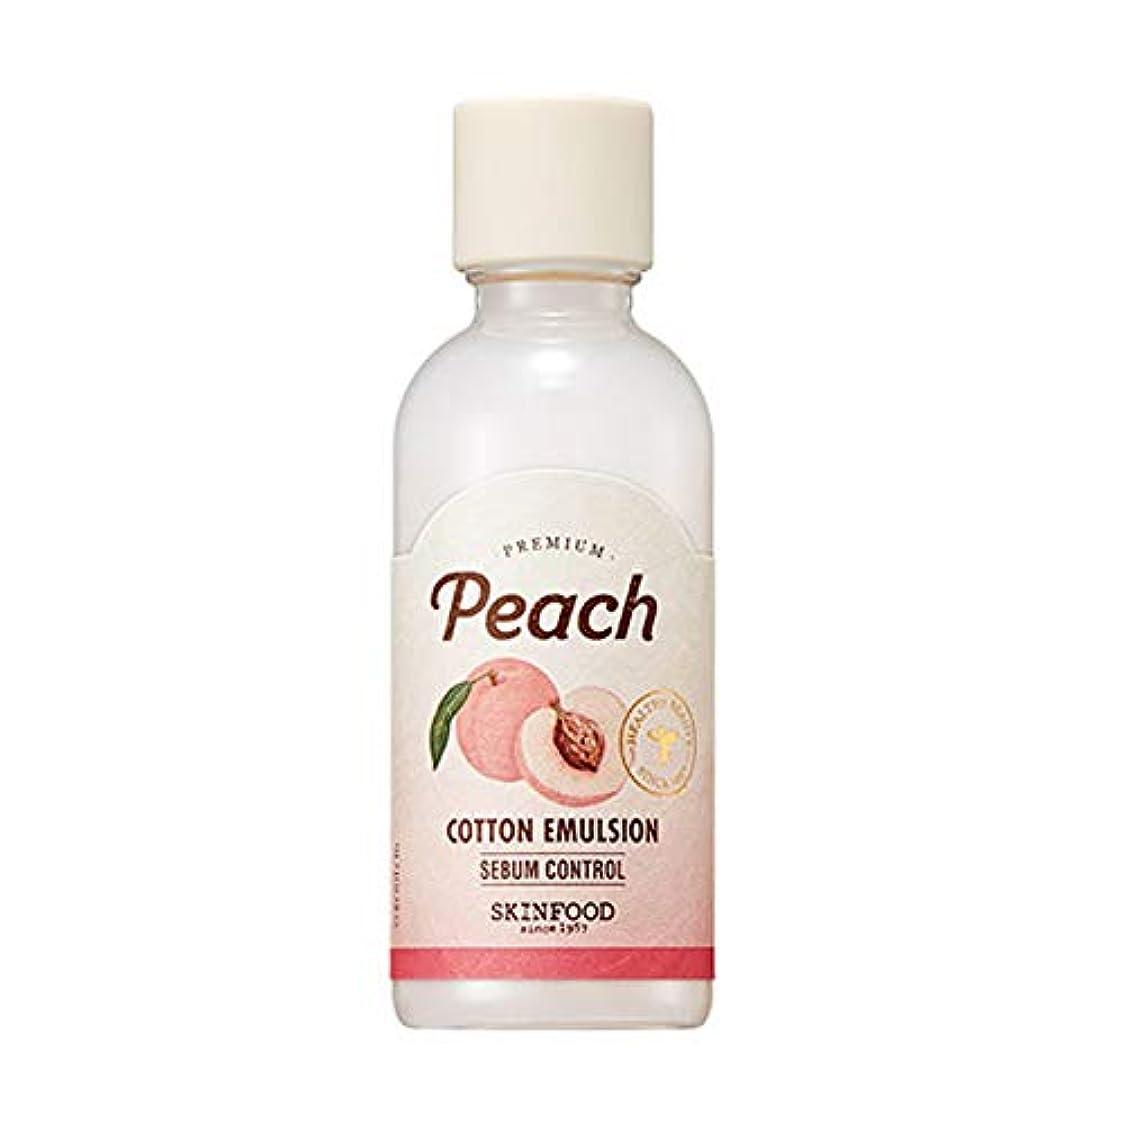 わずかな若い説教するSkinfood プレミアムピーチコットンエマルジョン/Premium Peach Cotton Emulsion 160ml [並行輸入品]